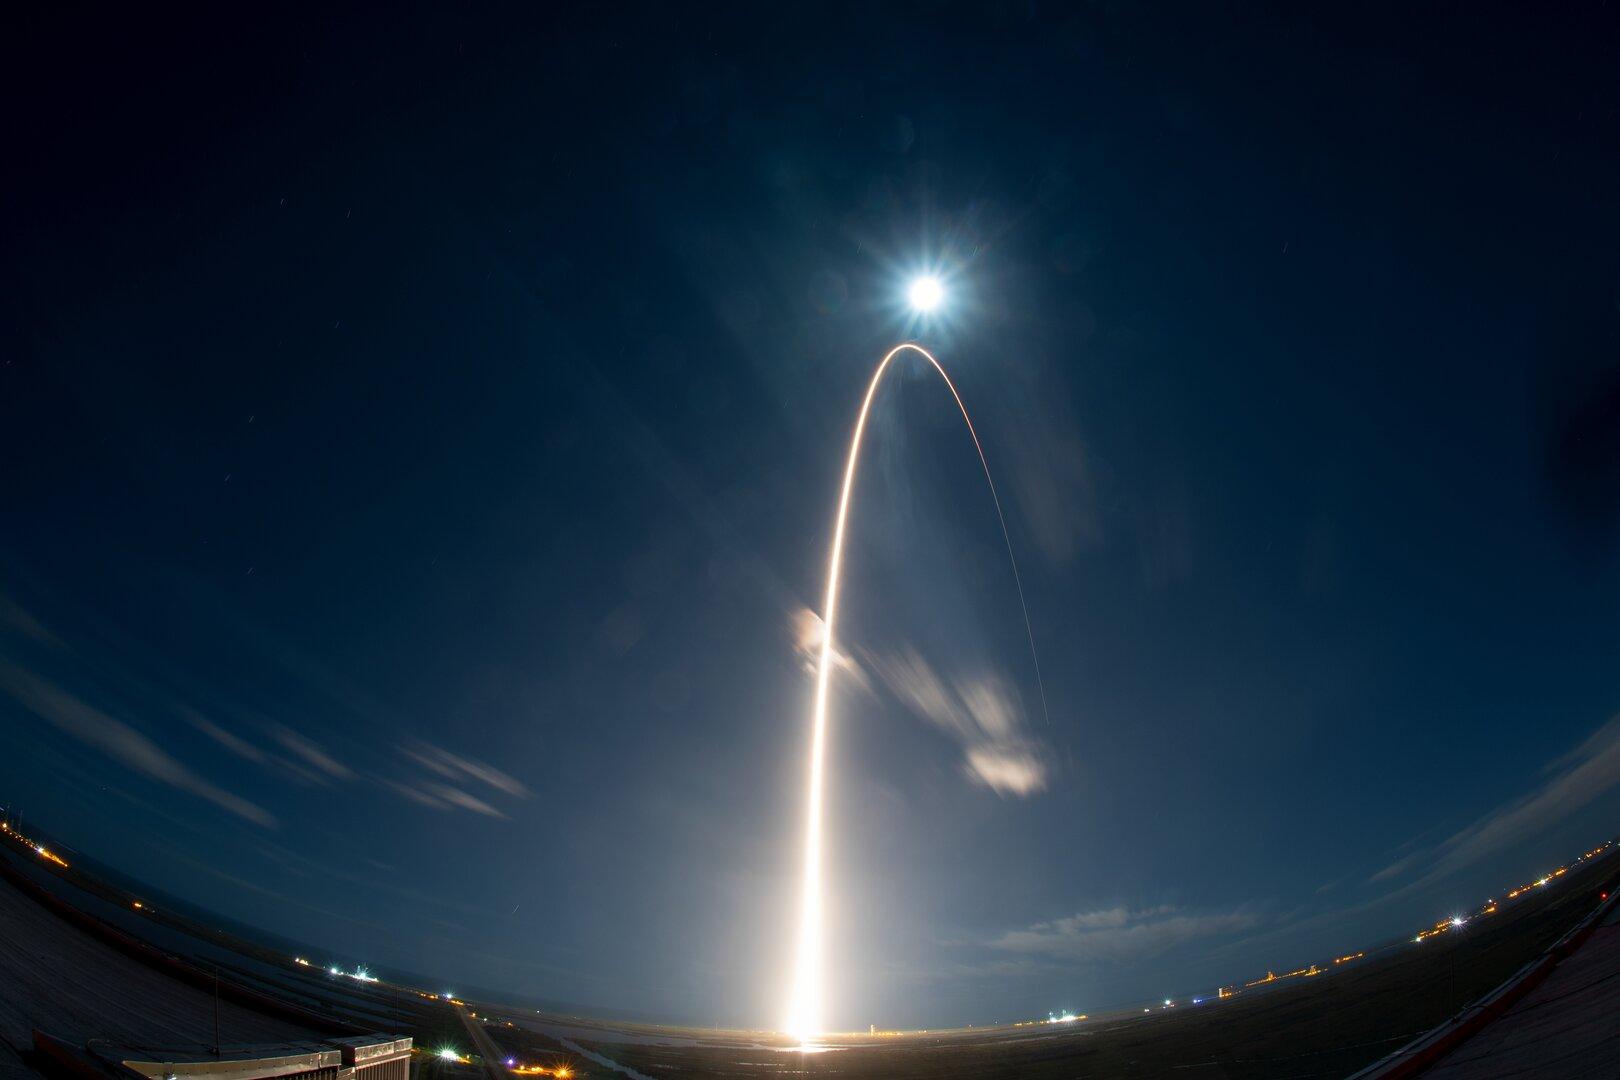 Зонд Solar Orbiter отправился к Солнцу, чтобы впервые сфотографировать солнечные полюса - 1